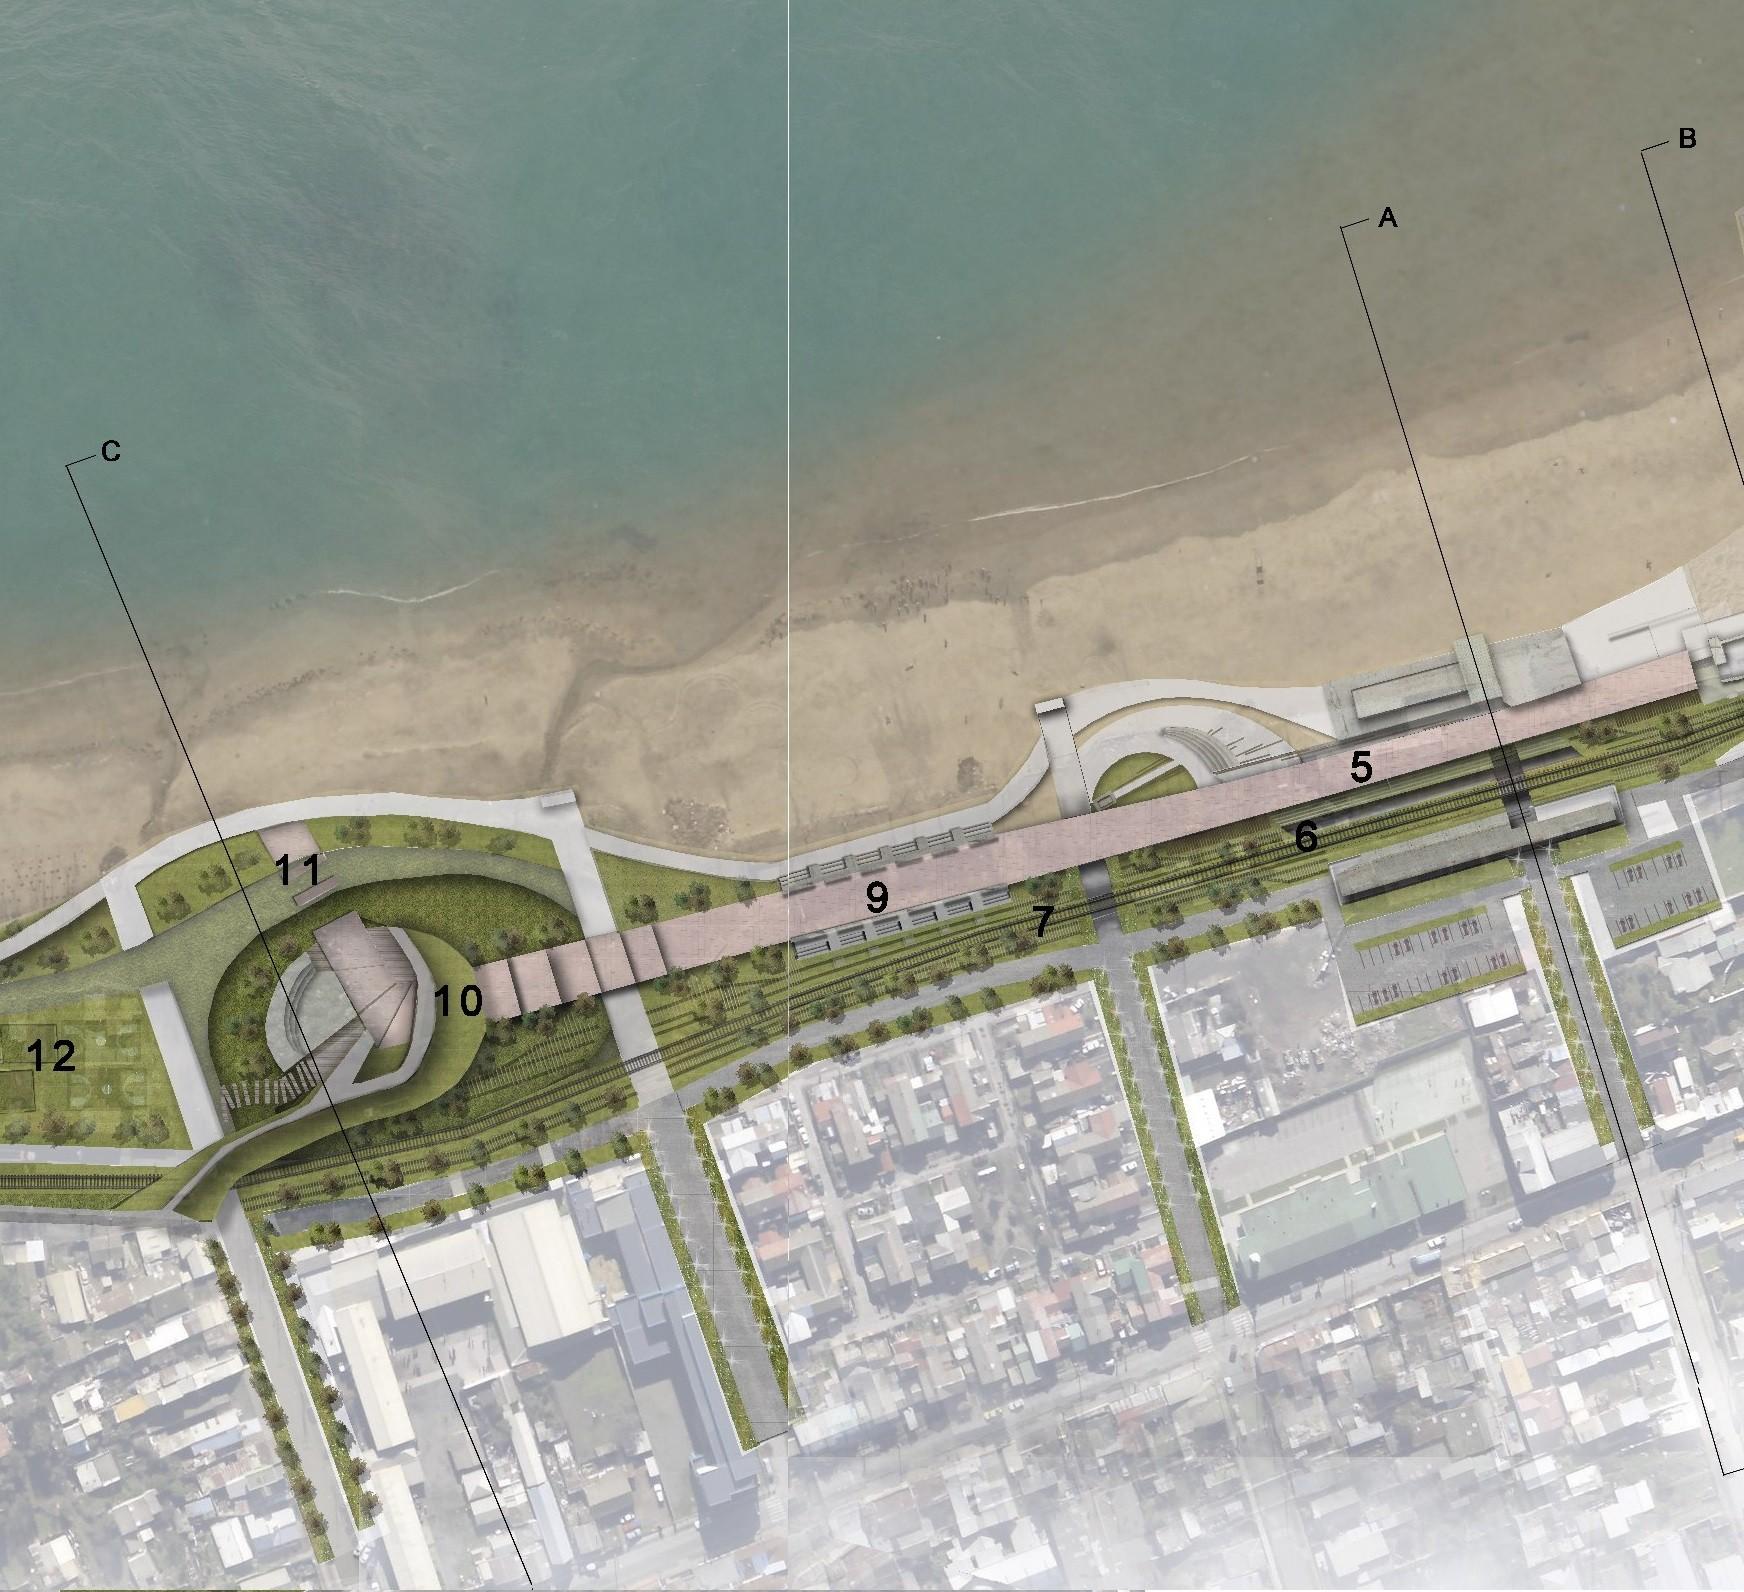 """Resultados del I Concurso Ideas Urbanas para estudiantes de Arquitectura """"Parque costanera de Penco"""", Courtesy of Coordinadora Nacional de Estudiantes de Arquitectura"""